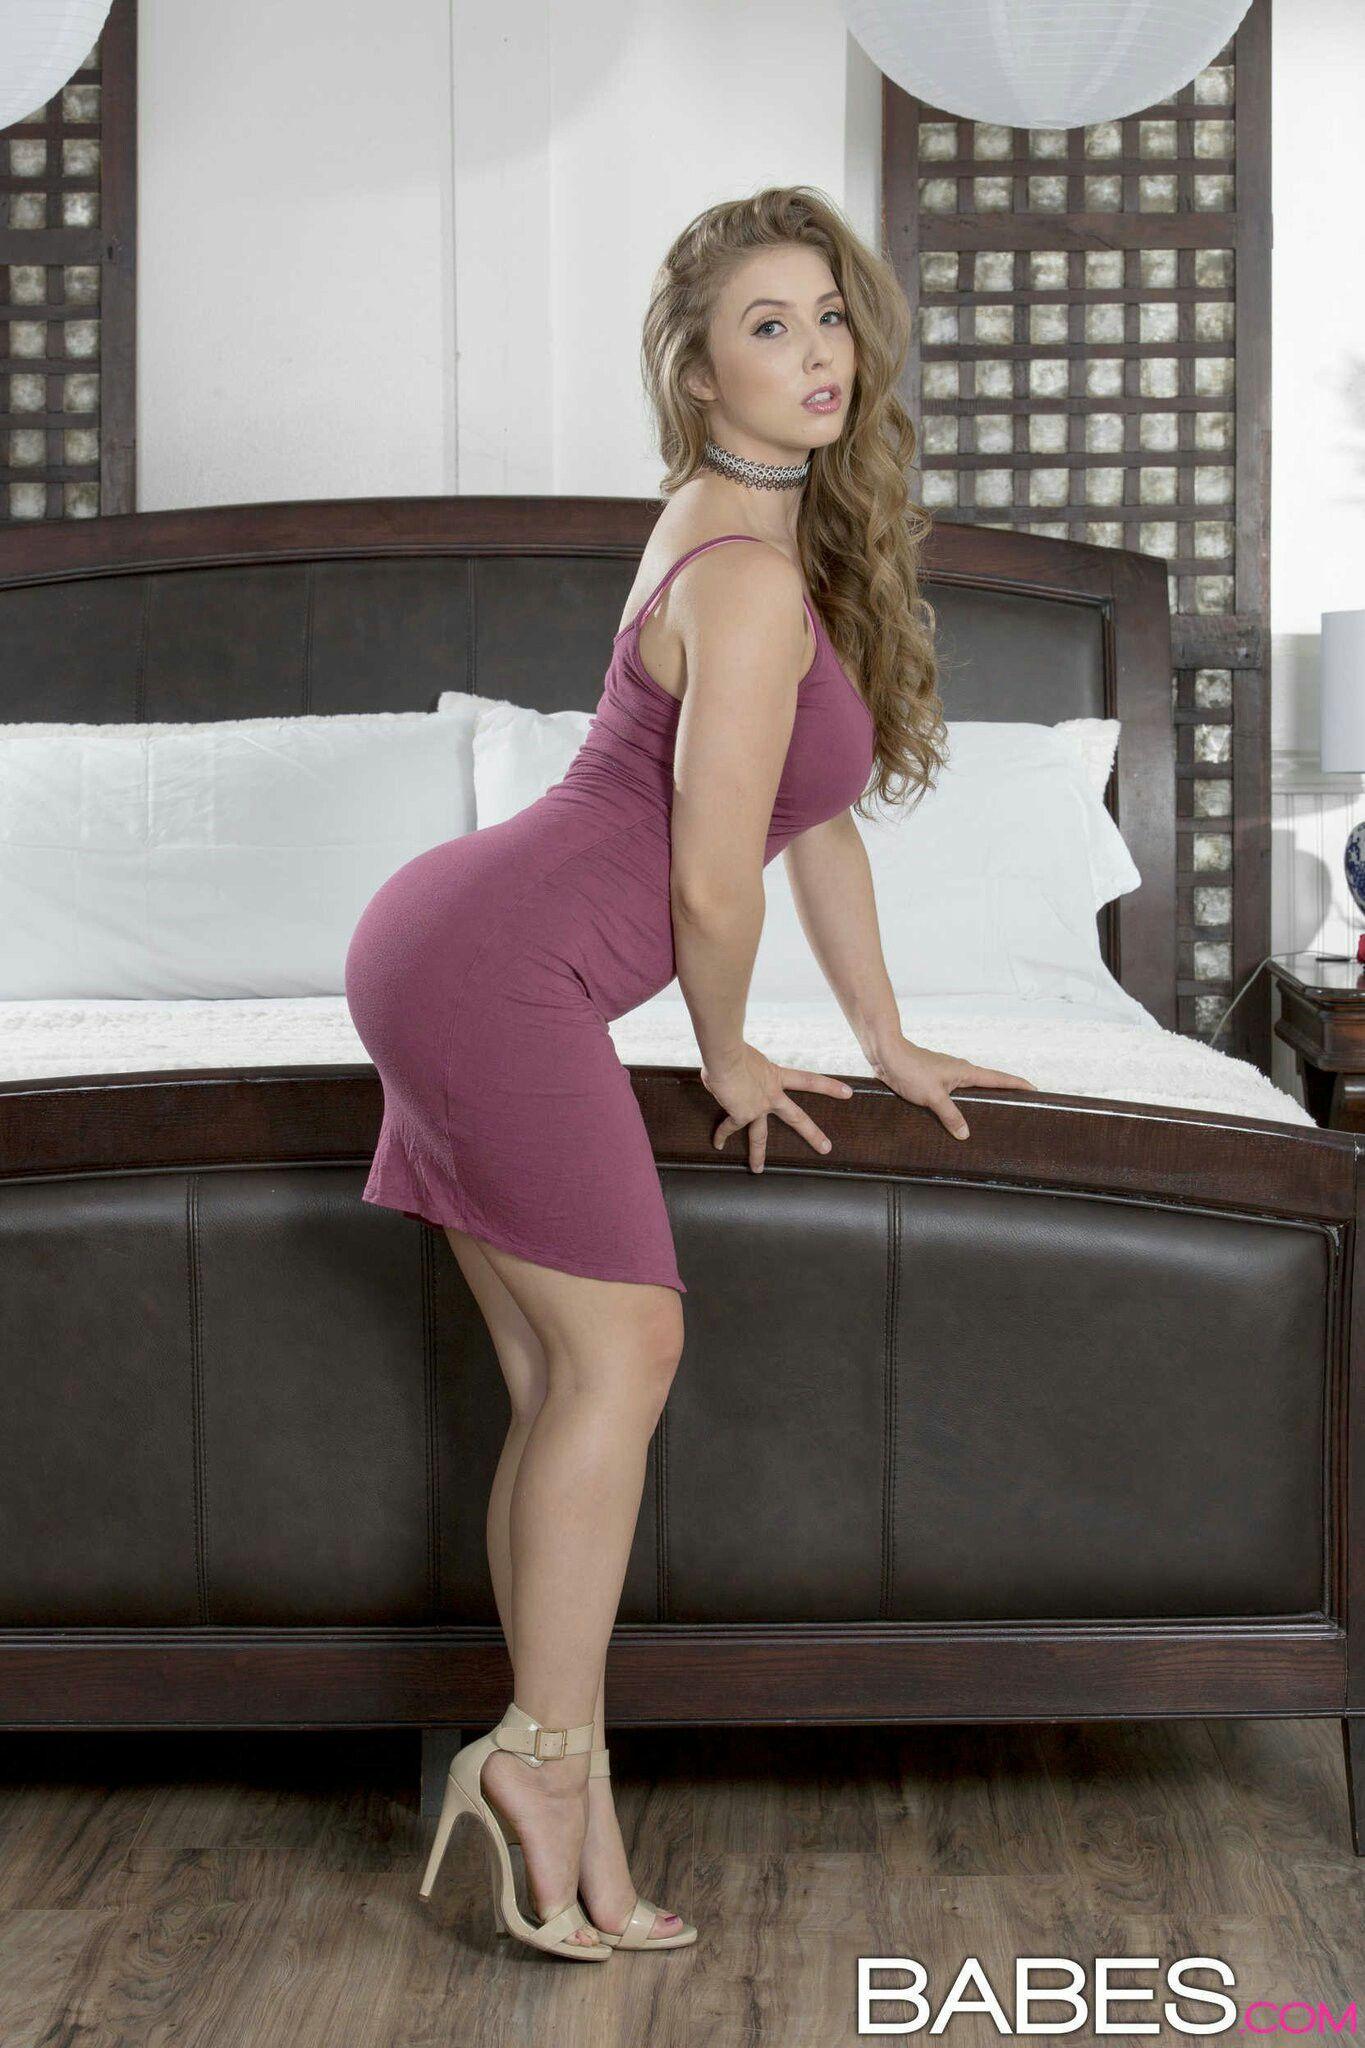 Actress lena paul